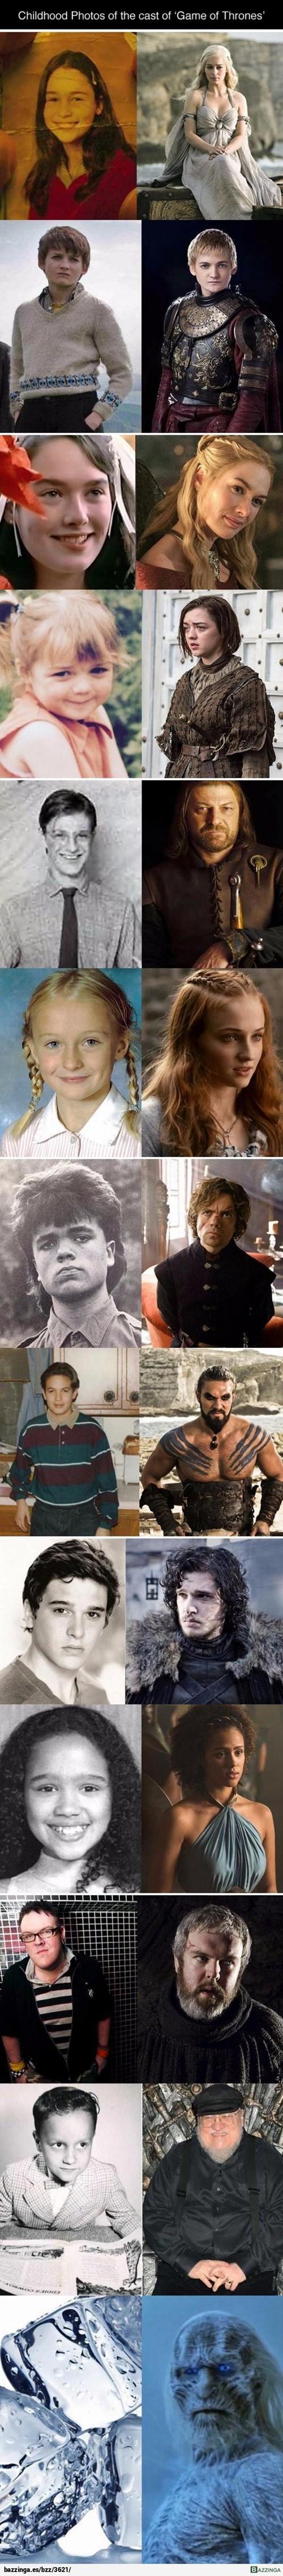 Fotos cast game of thrones